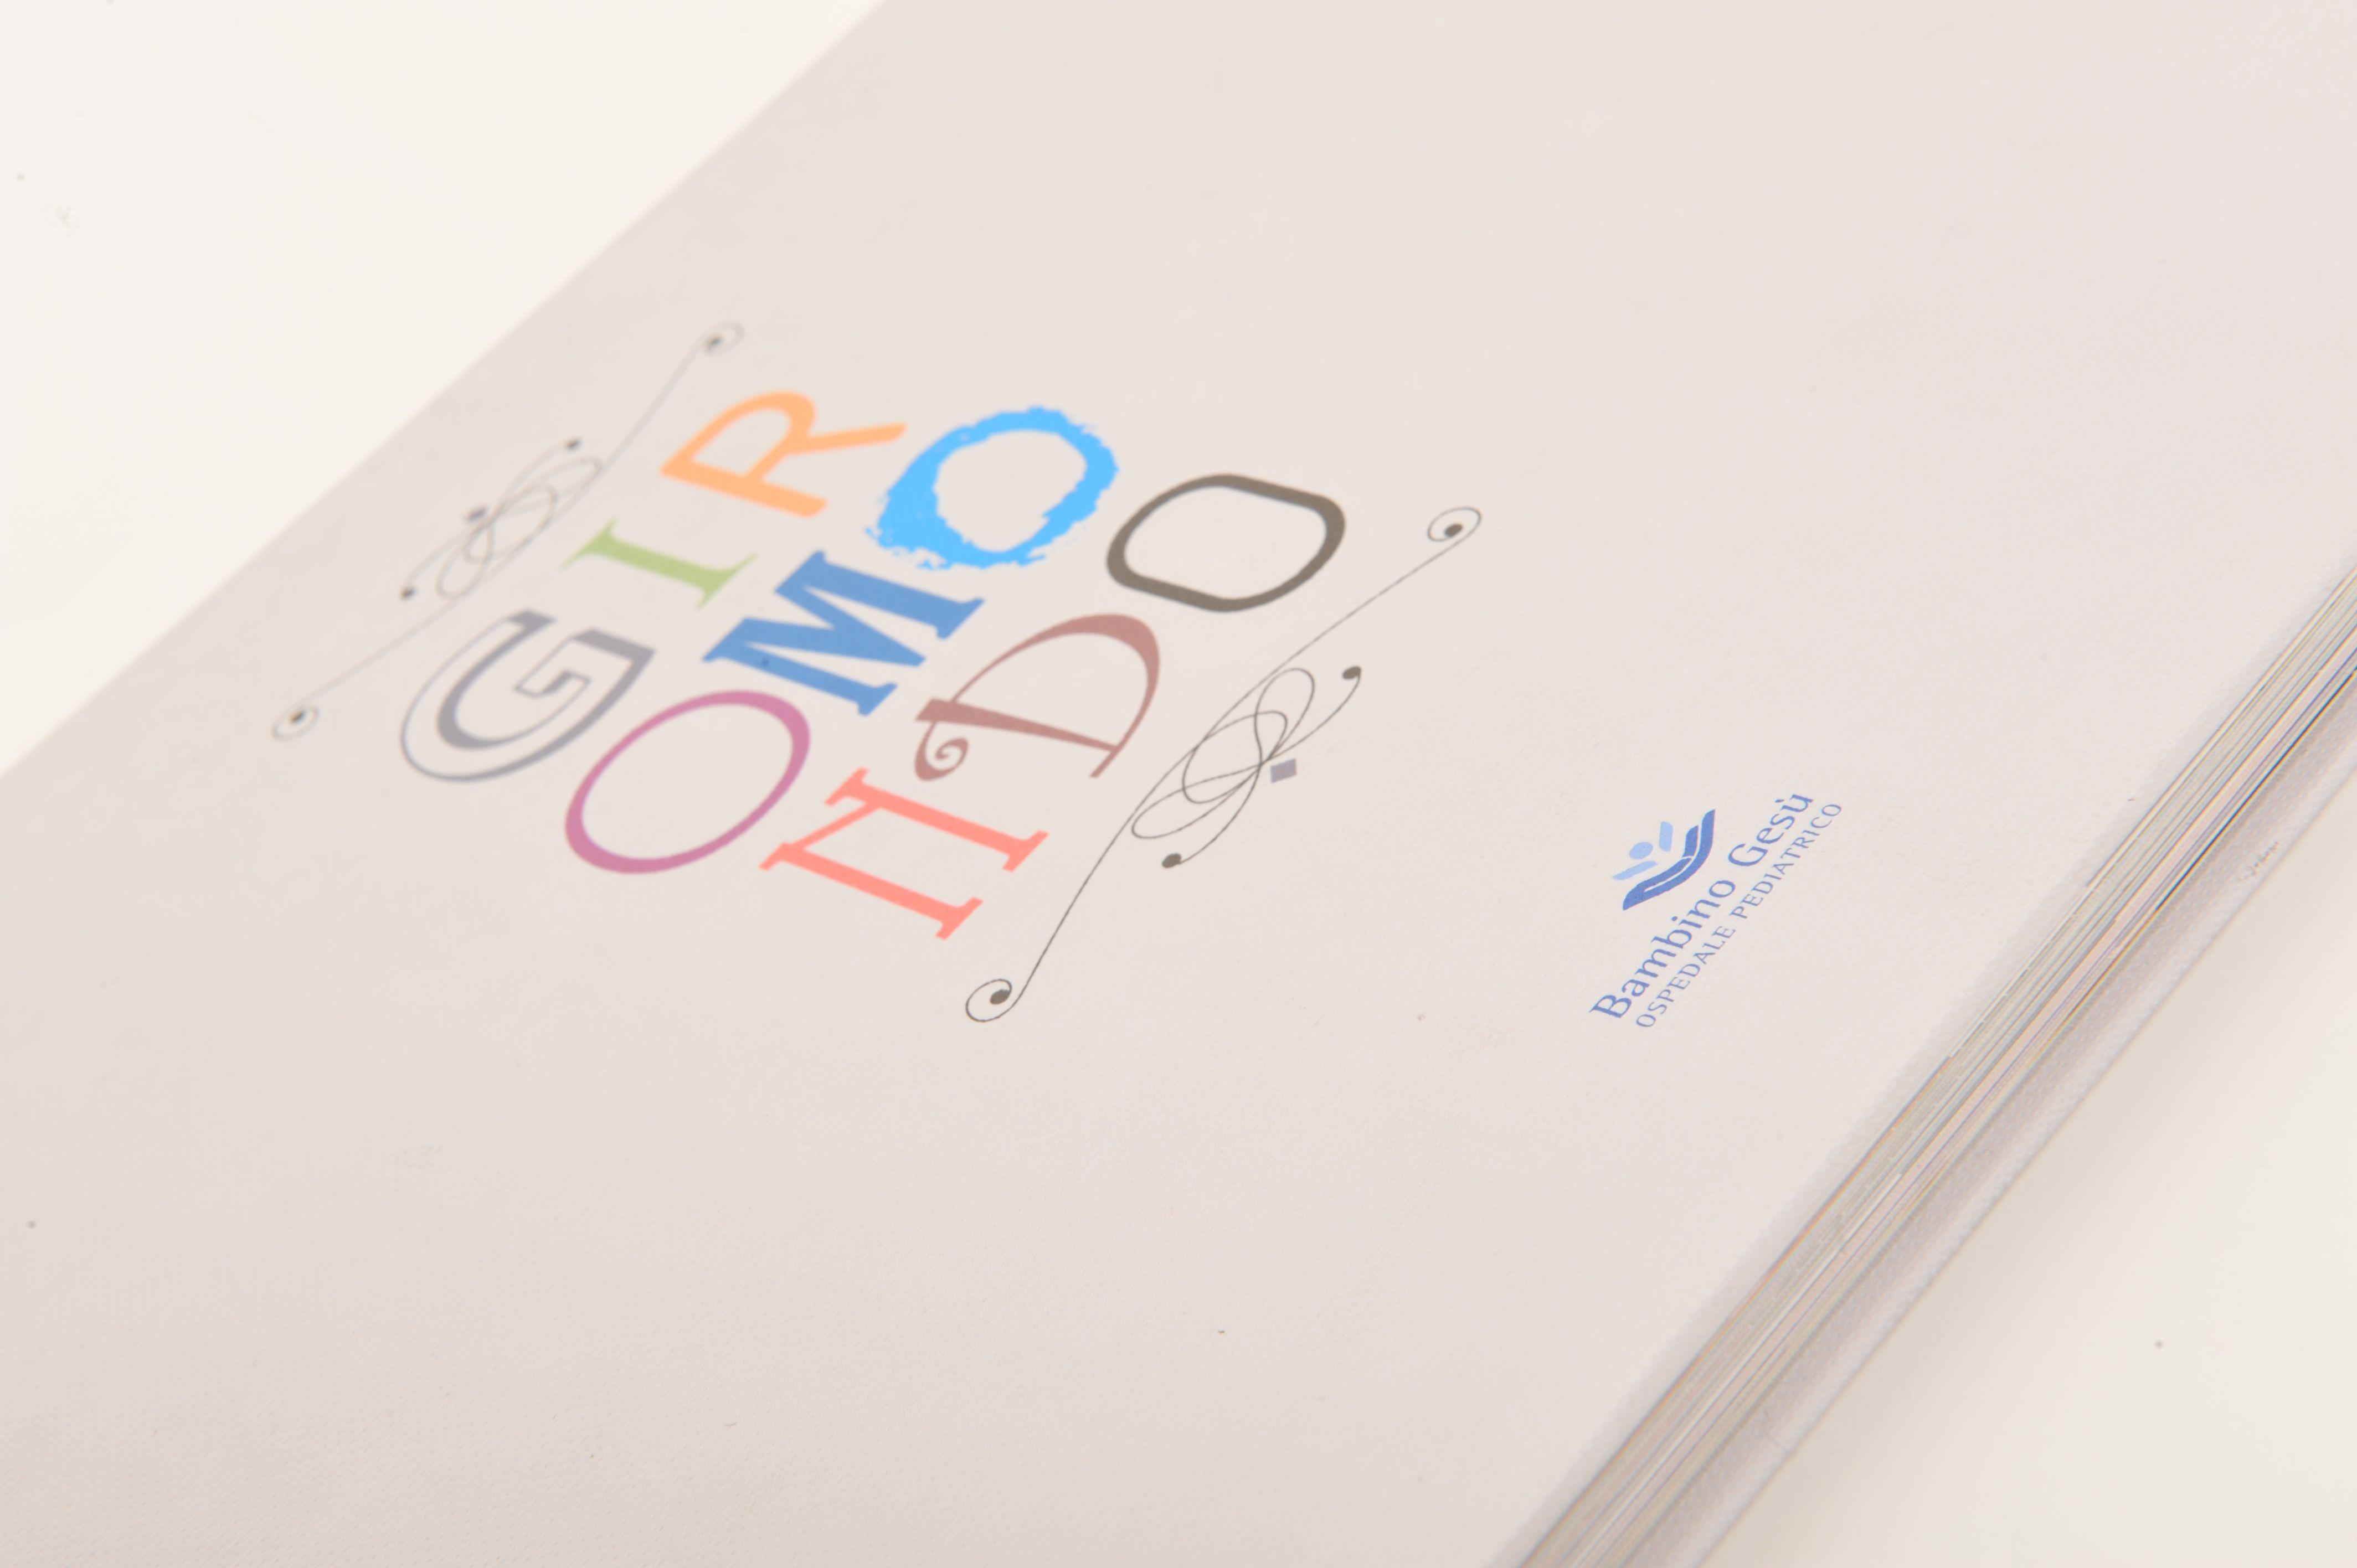 Loghi Bambini ~ Cliente: ospedale pediatrico bambino gesÙ lavoro: libro giromondo